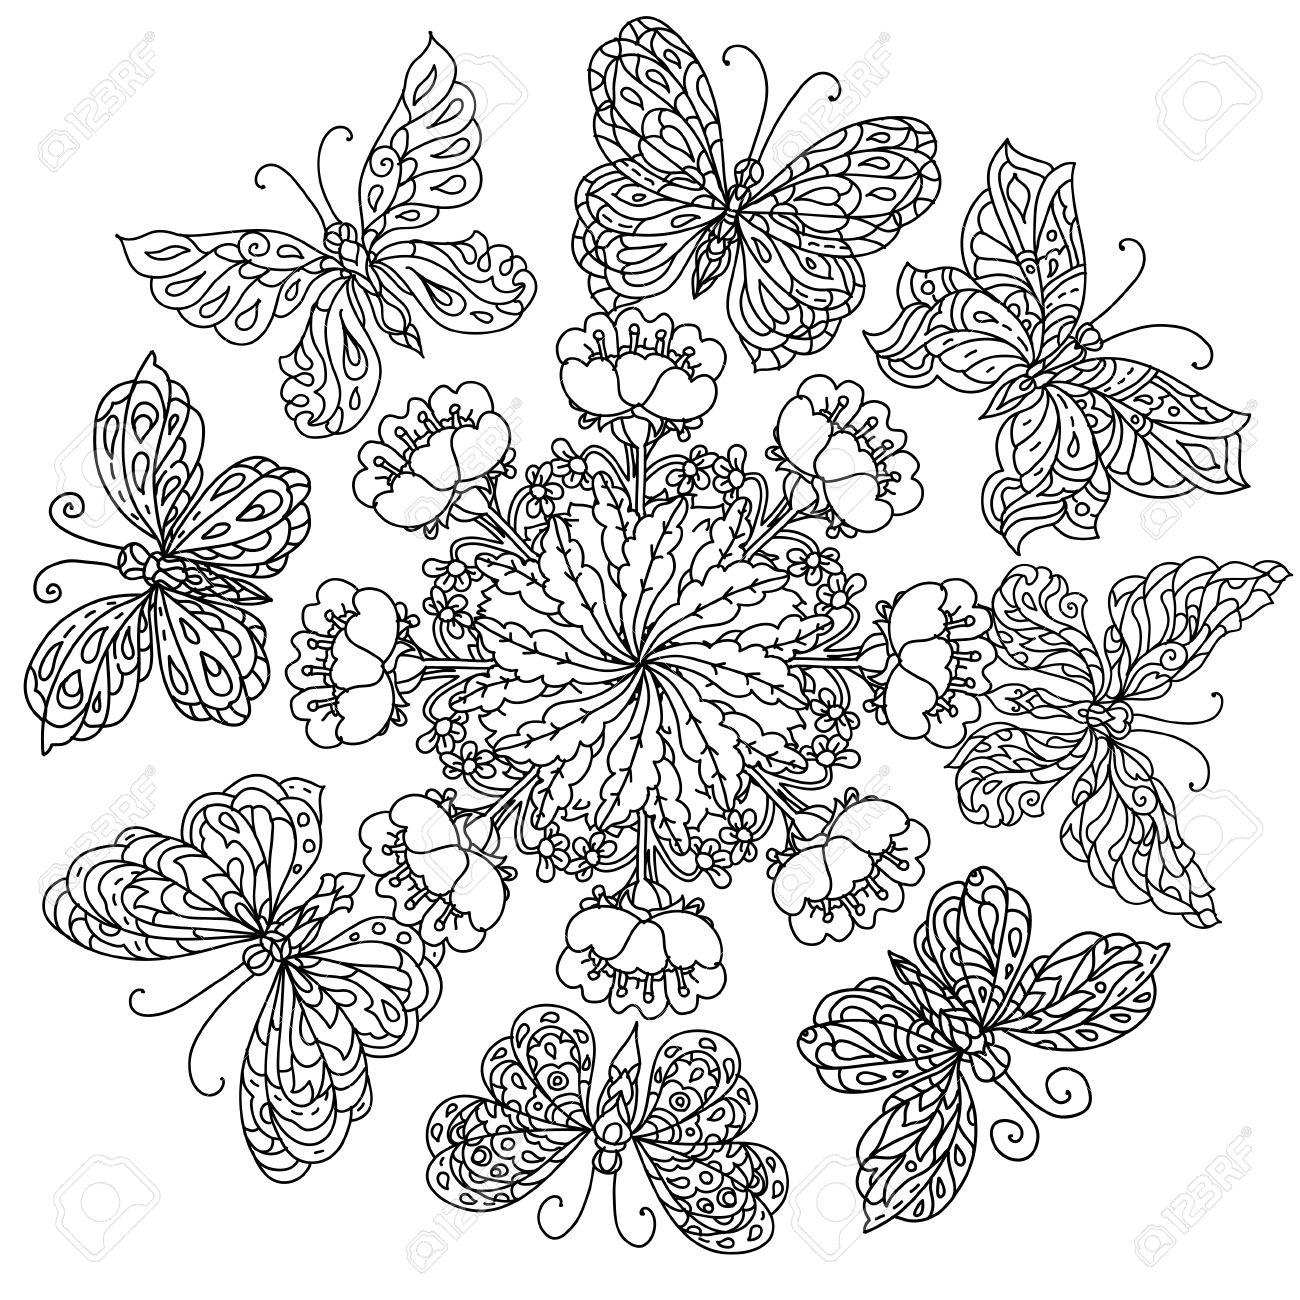 Fleurs De Forme Mandala Et Papillon Pour Adultes Livre De Coloriage Dans Le Zen Style Art Therapie Anti Dessin Stress Hand Drawn Retro Griffonnage Vecteur Style Mandala Pour Le Livre De Coloriage Ou De